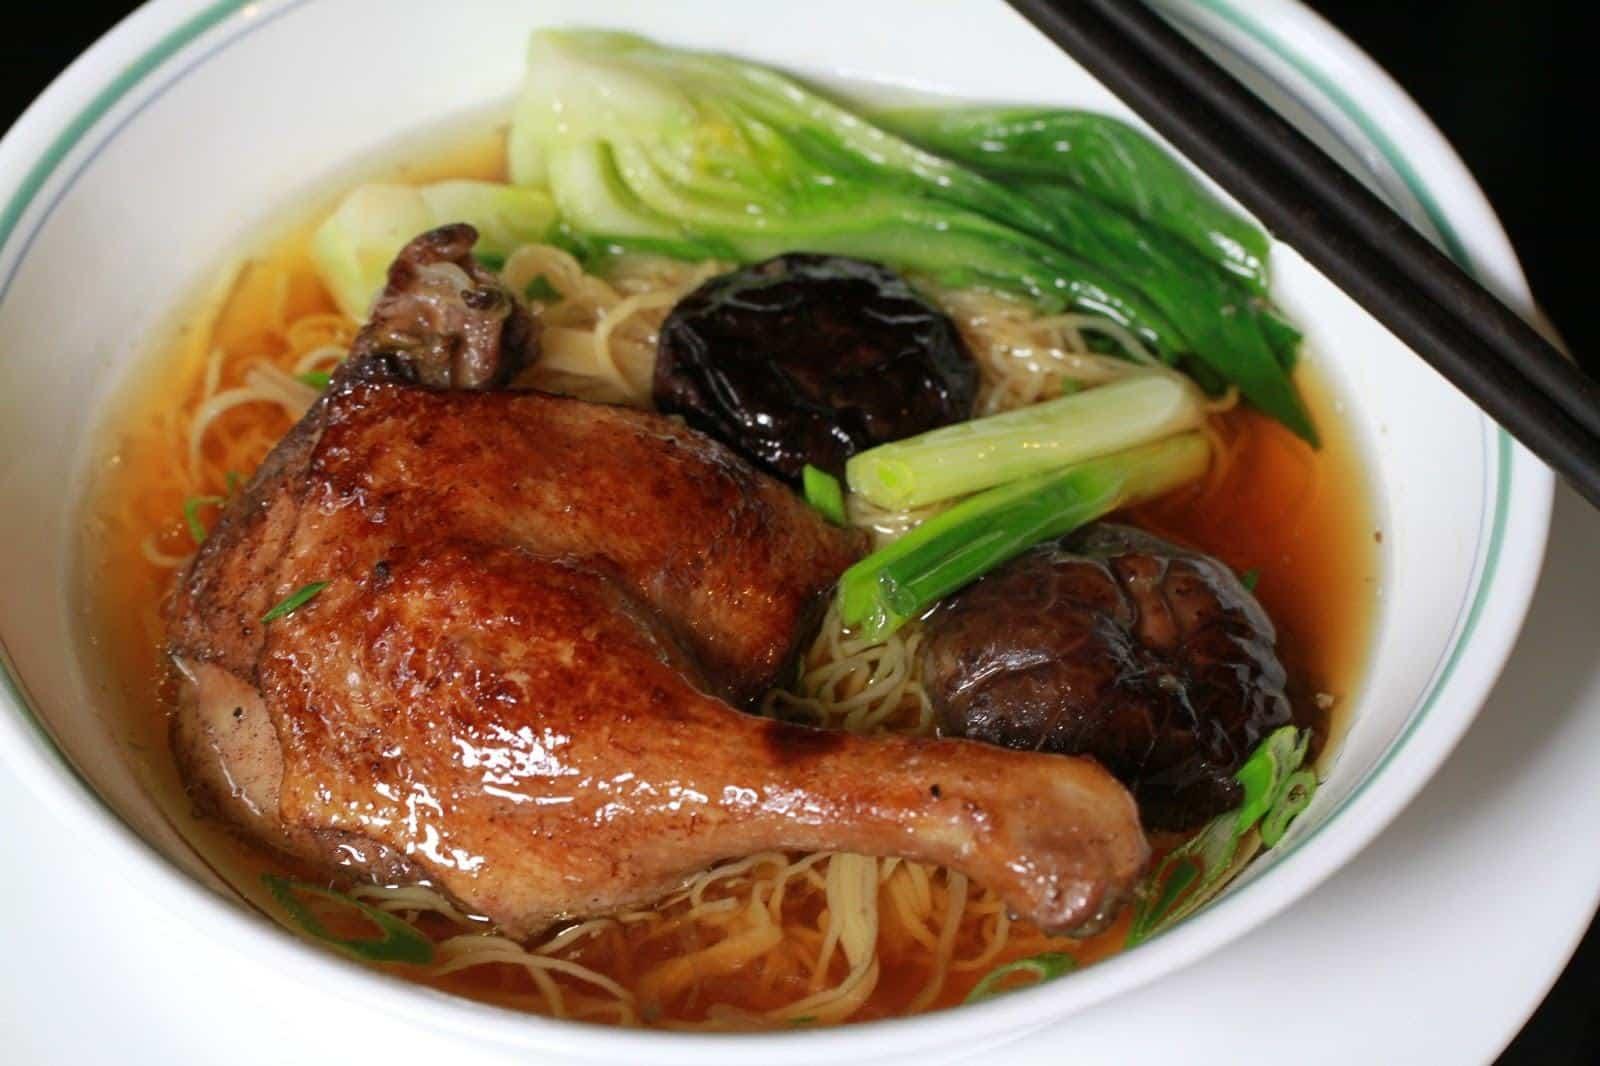 Món mì vịt tiềm nổi tiếng trong giới ẩm thực. - NEU69.com